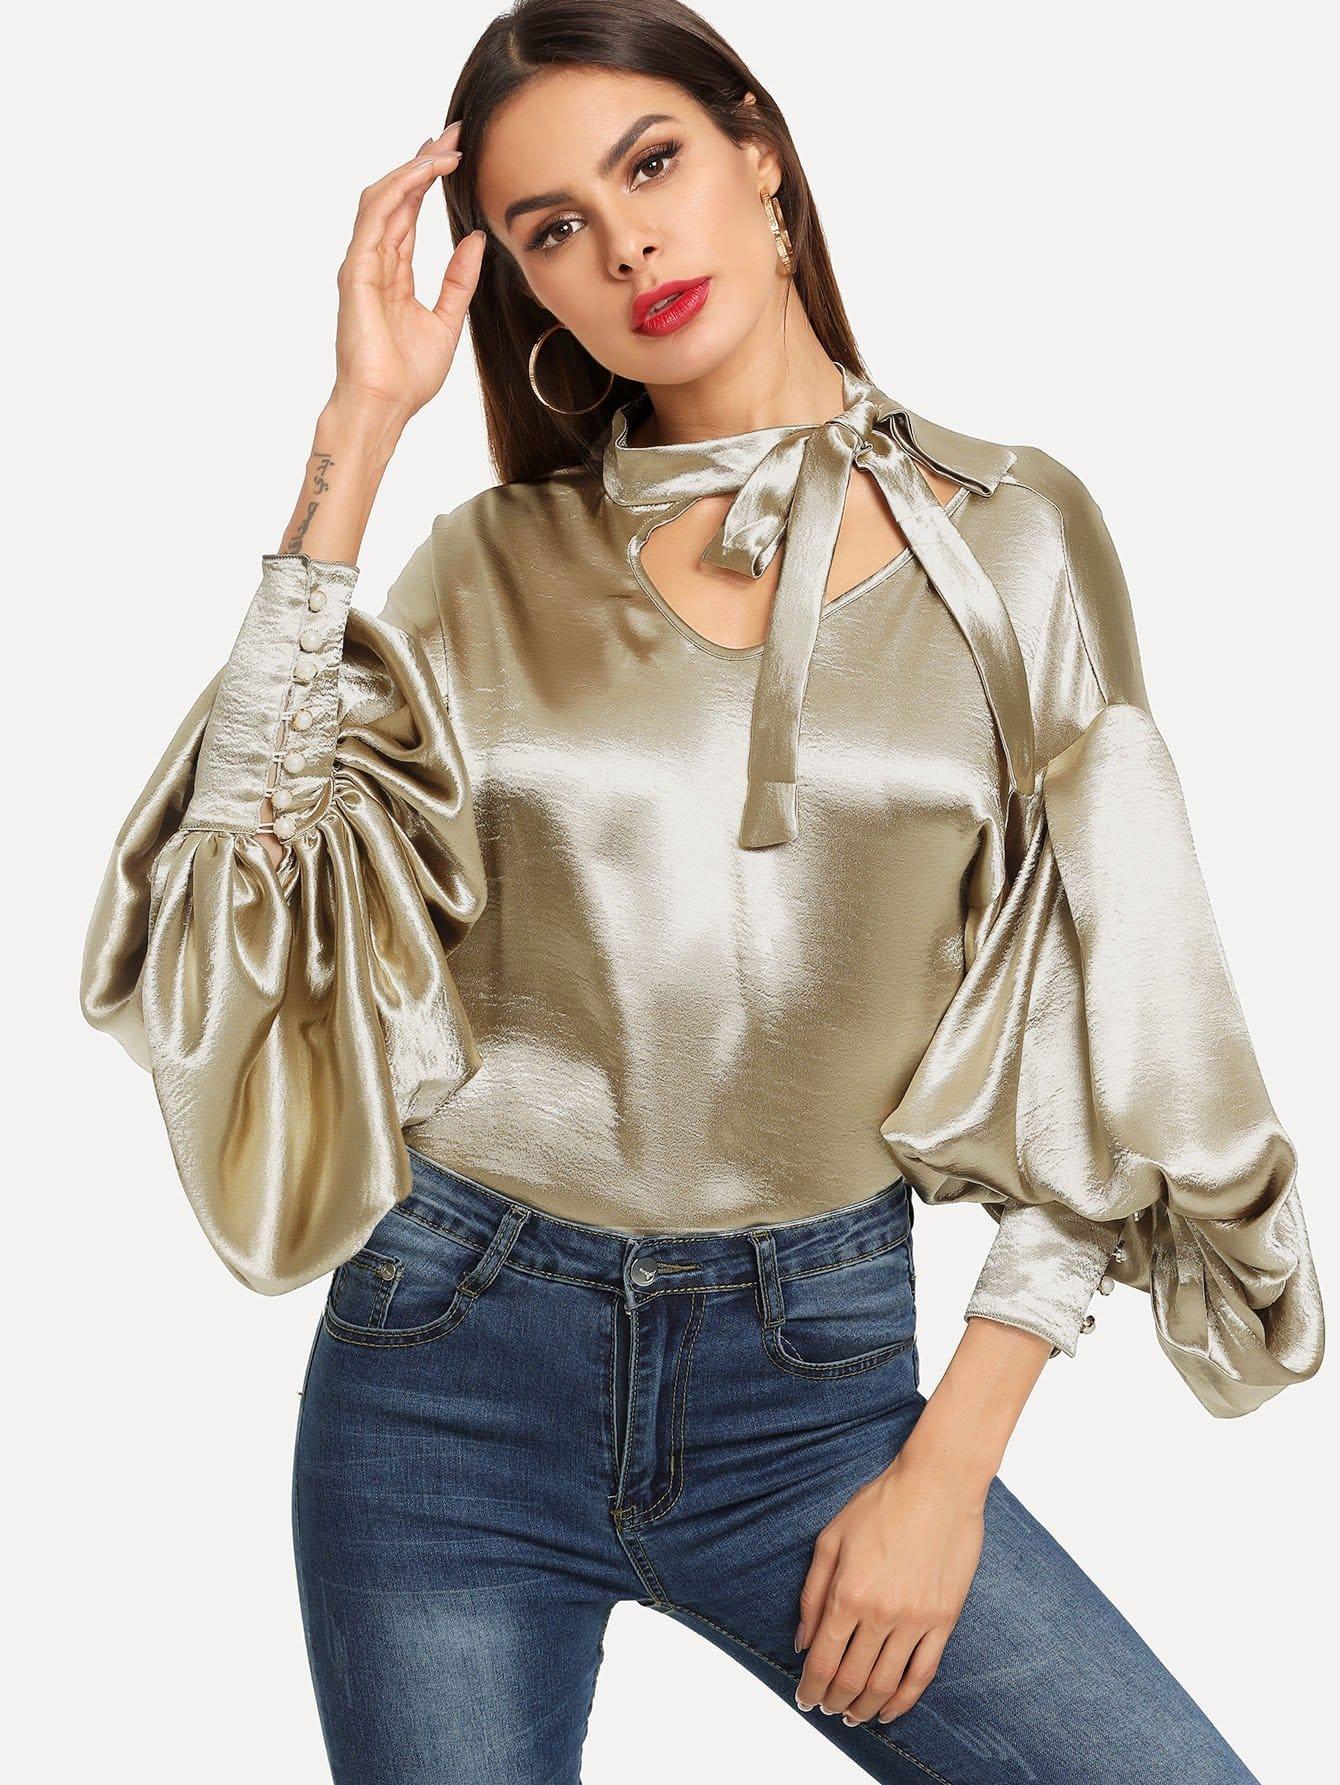 Купить Галстук шея преувеличение блузка с фонарными рукавами, Andy, SheIn